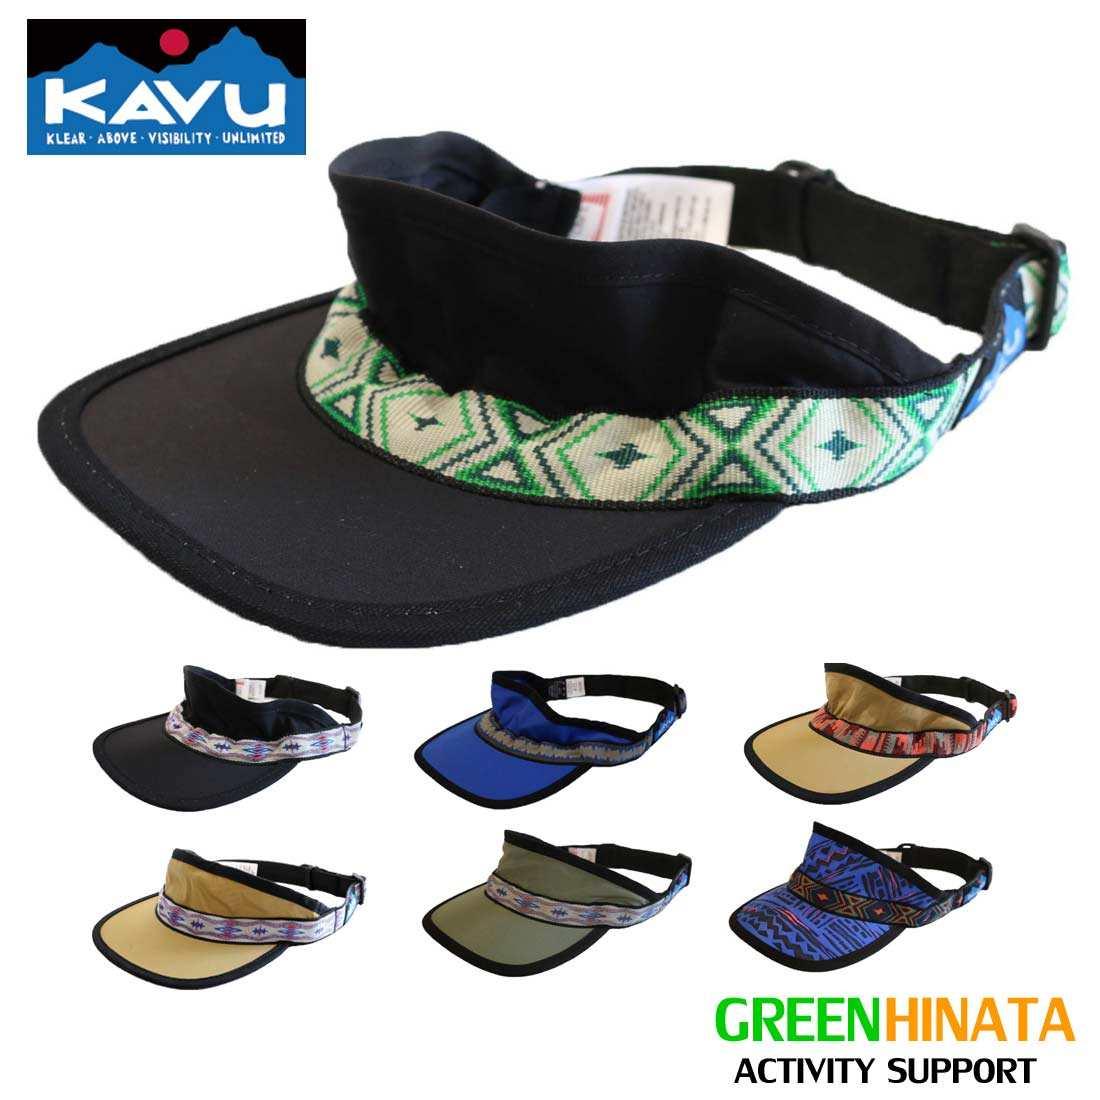 【国内正規品】 カブー シンセティックバイザー 帽子 KAVU Synthetic Strapvisor 軽量 速乾 バイザー